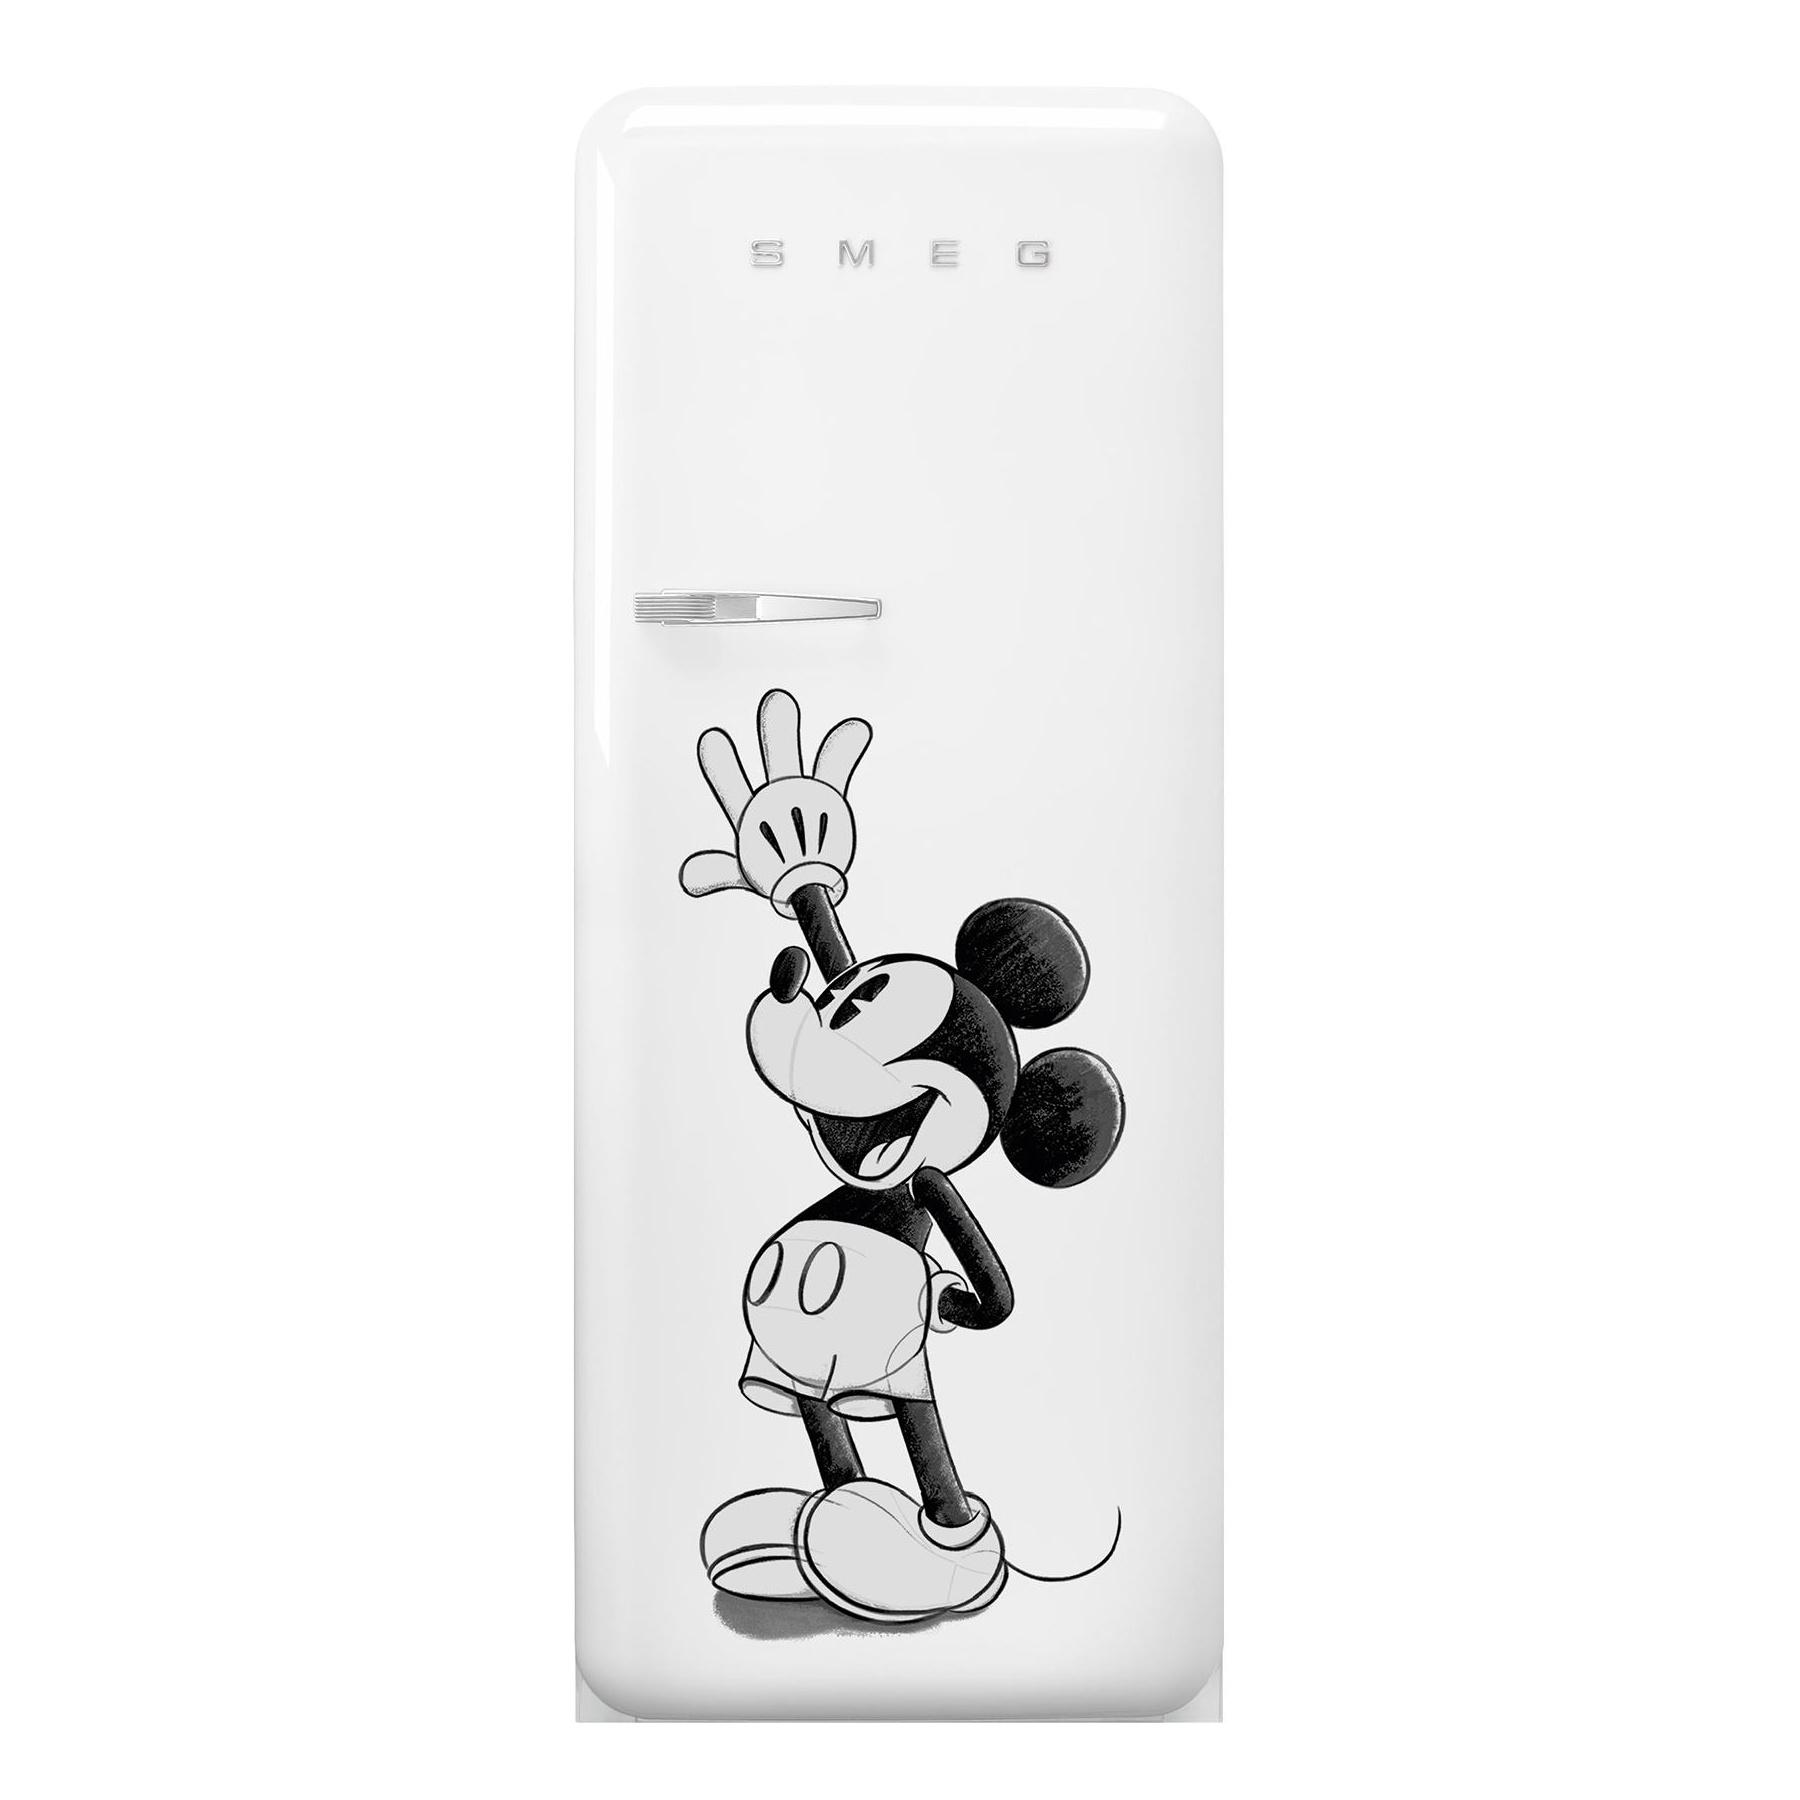 Smeg - FAB28 Mickey Mouse Kühlschrank mit Gefrierfach - weiß/schwarz/lackiert/Türanschlag rechts/BxHxT 60|1x150x78|8cm | Küche und Esszimmer > Küchenelektrogeräte > Kühlschränke | Smeg